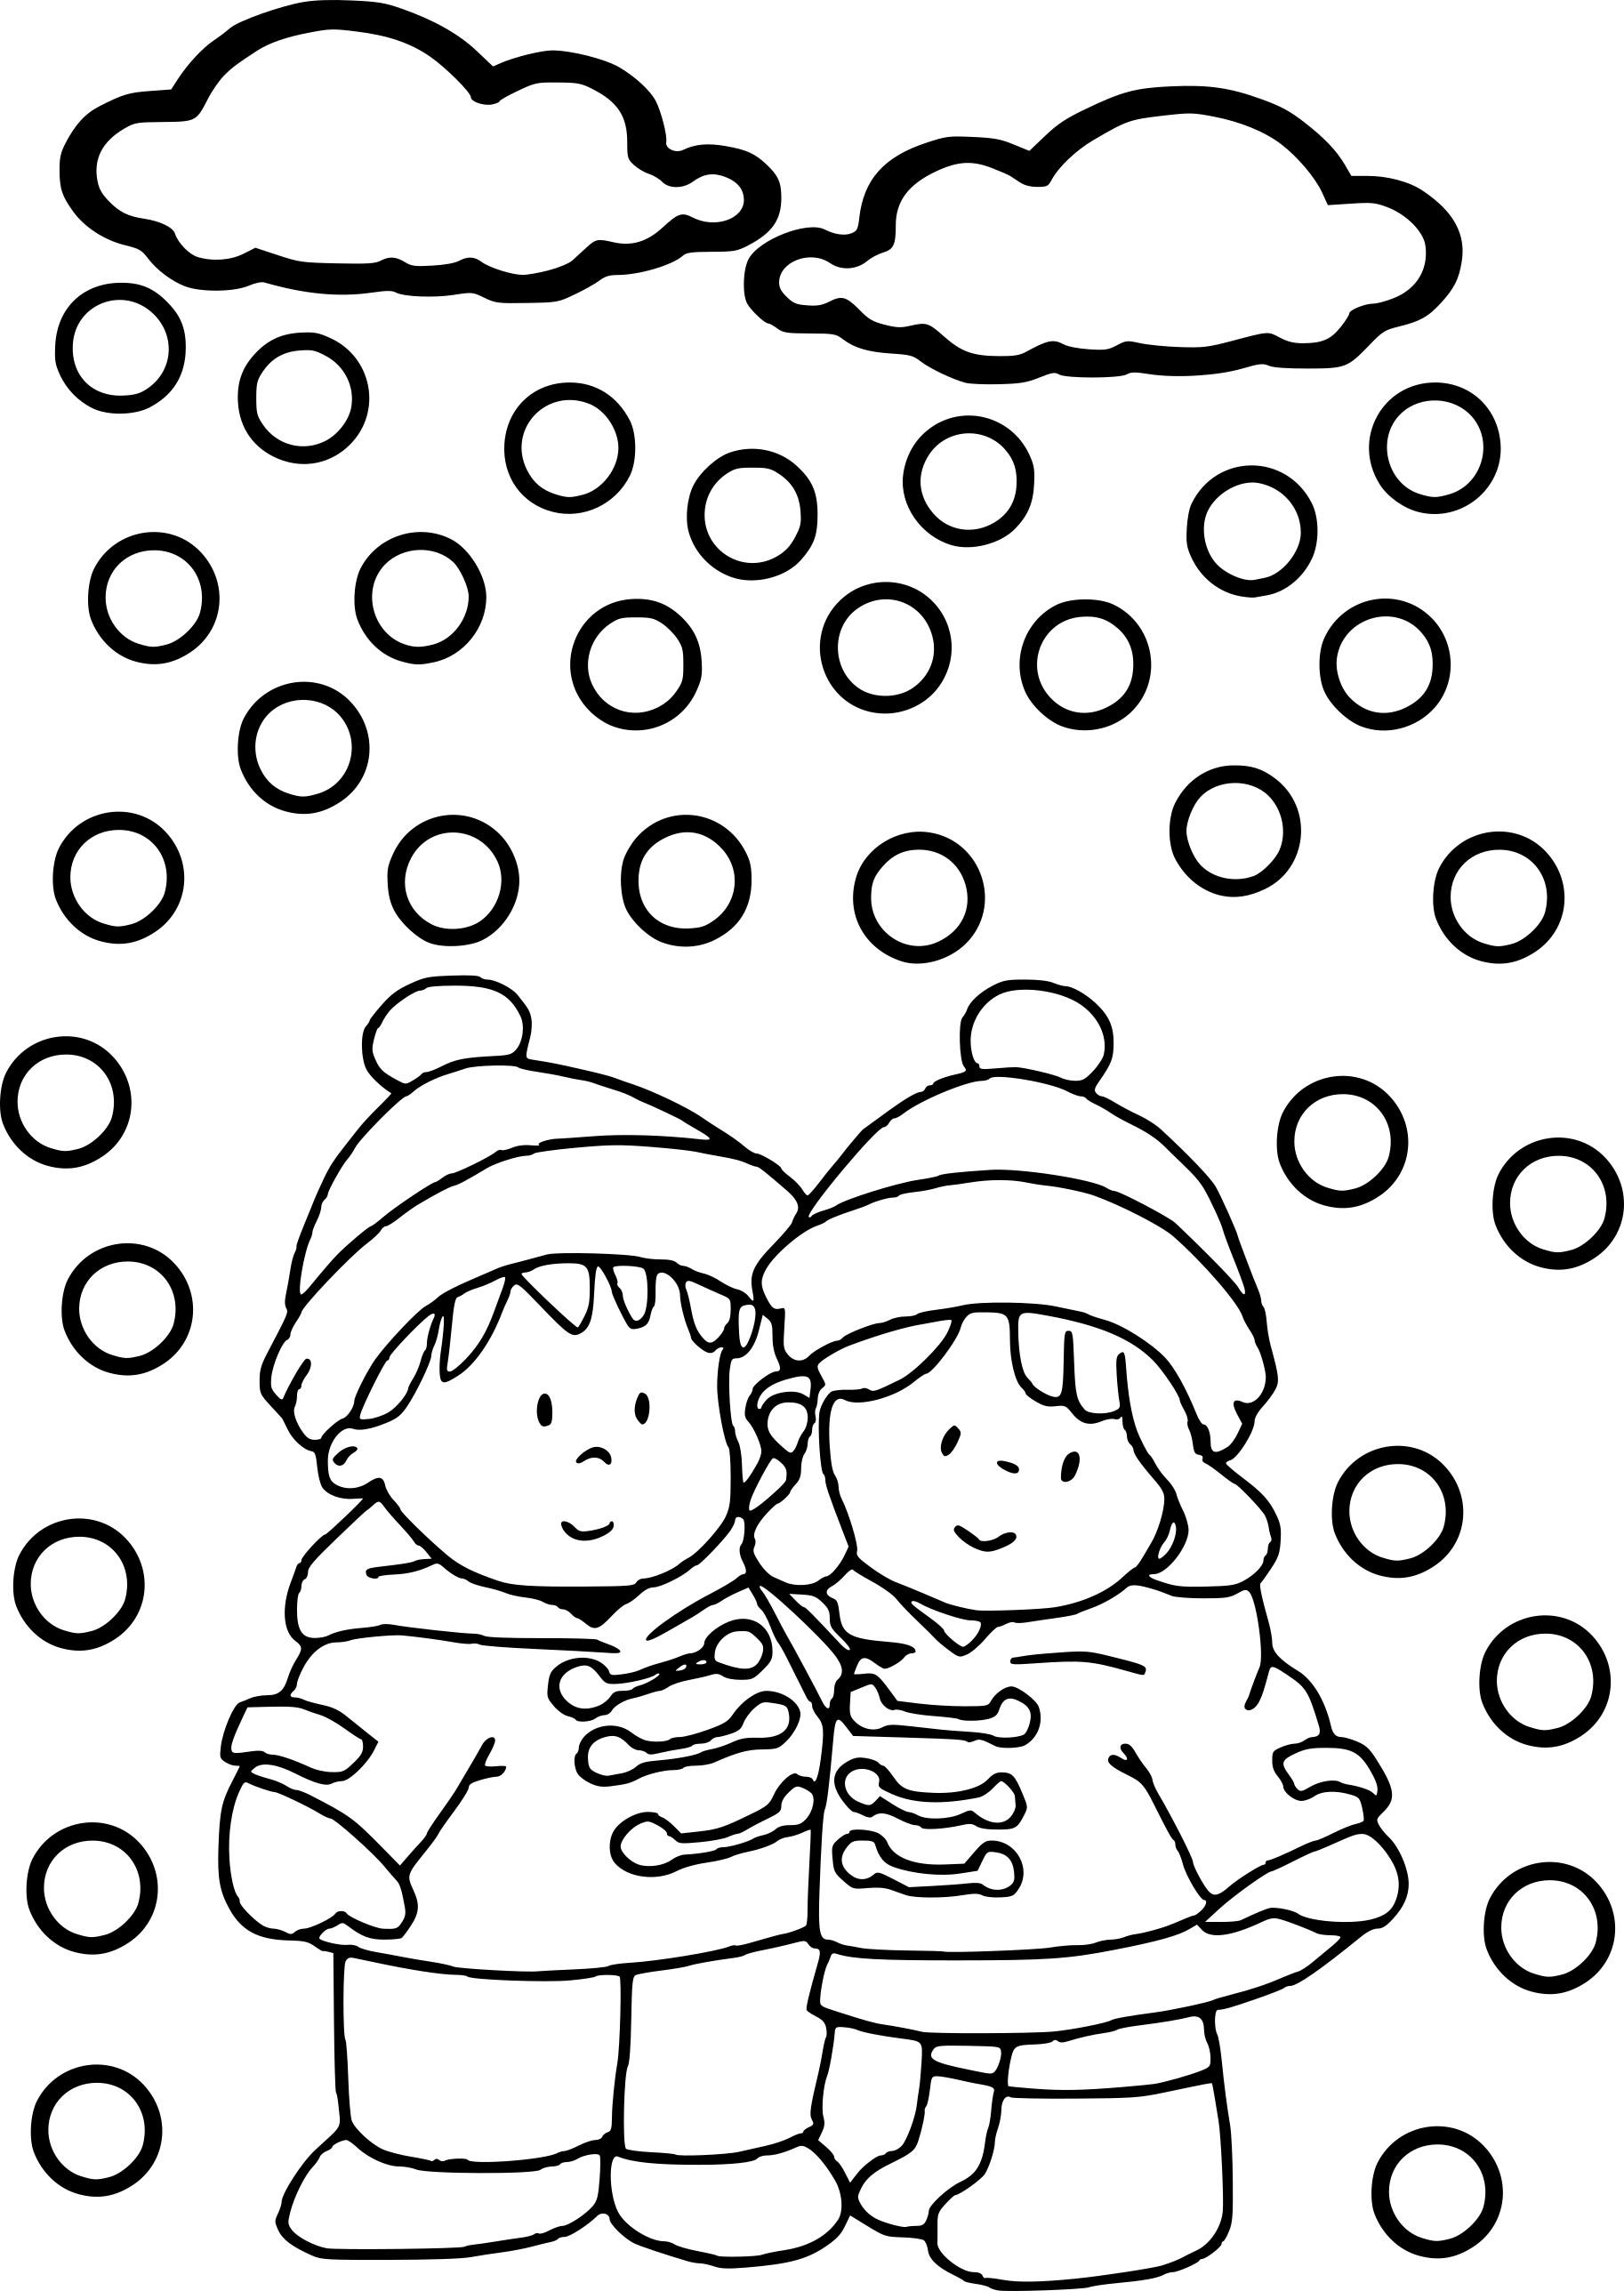 Coloriage la neige imprimer - Dessin de neige ...